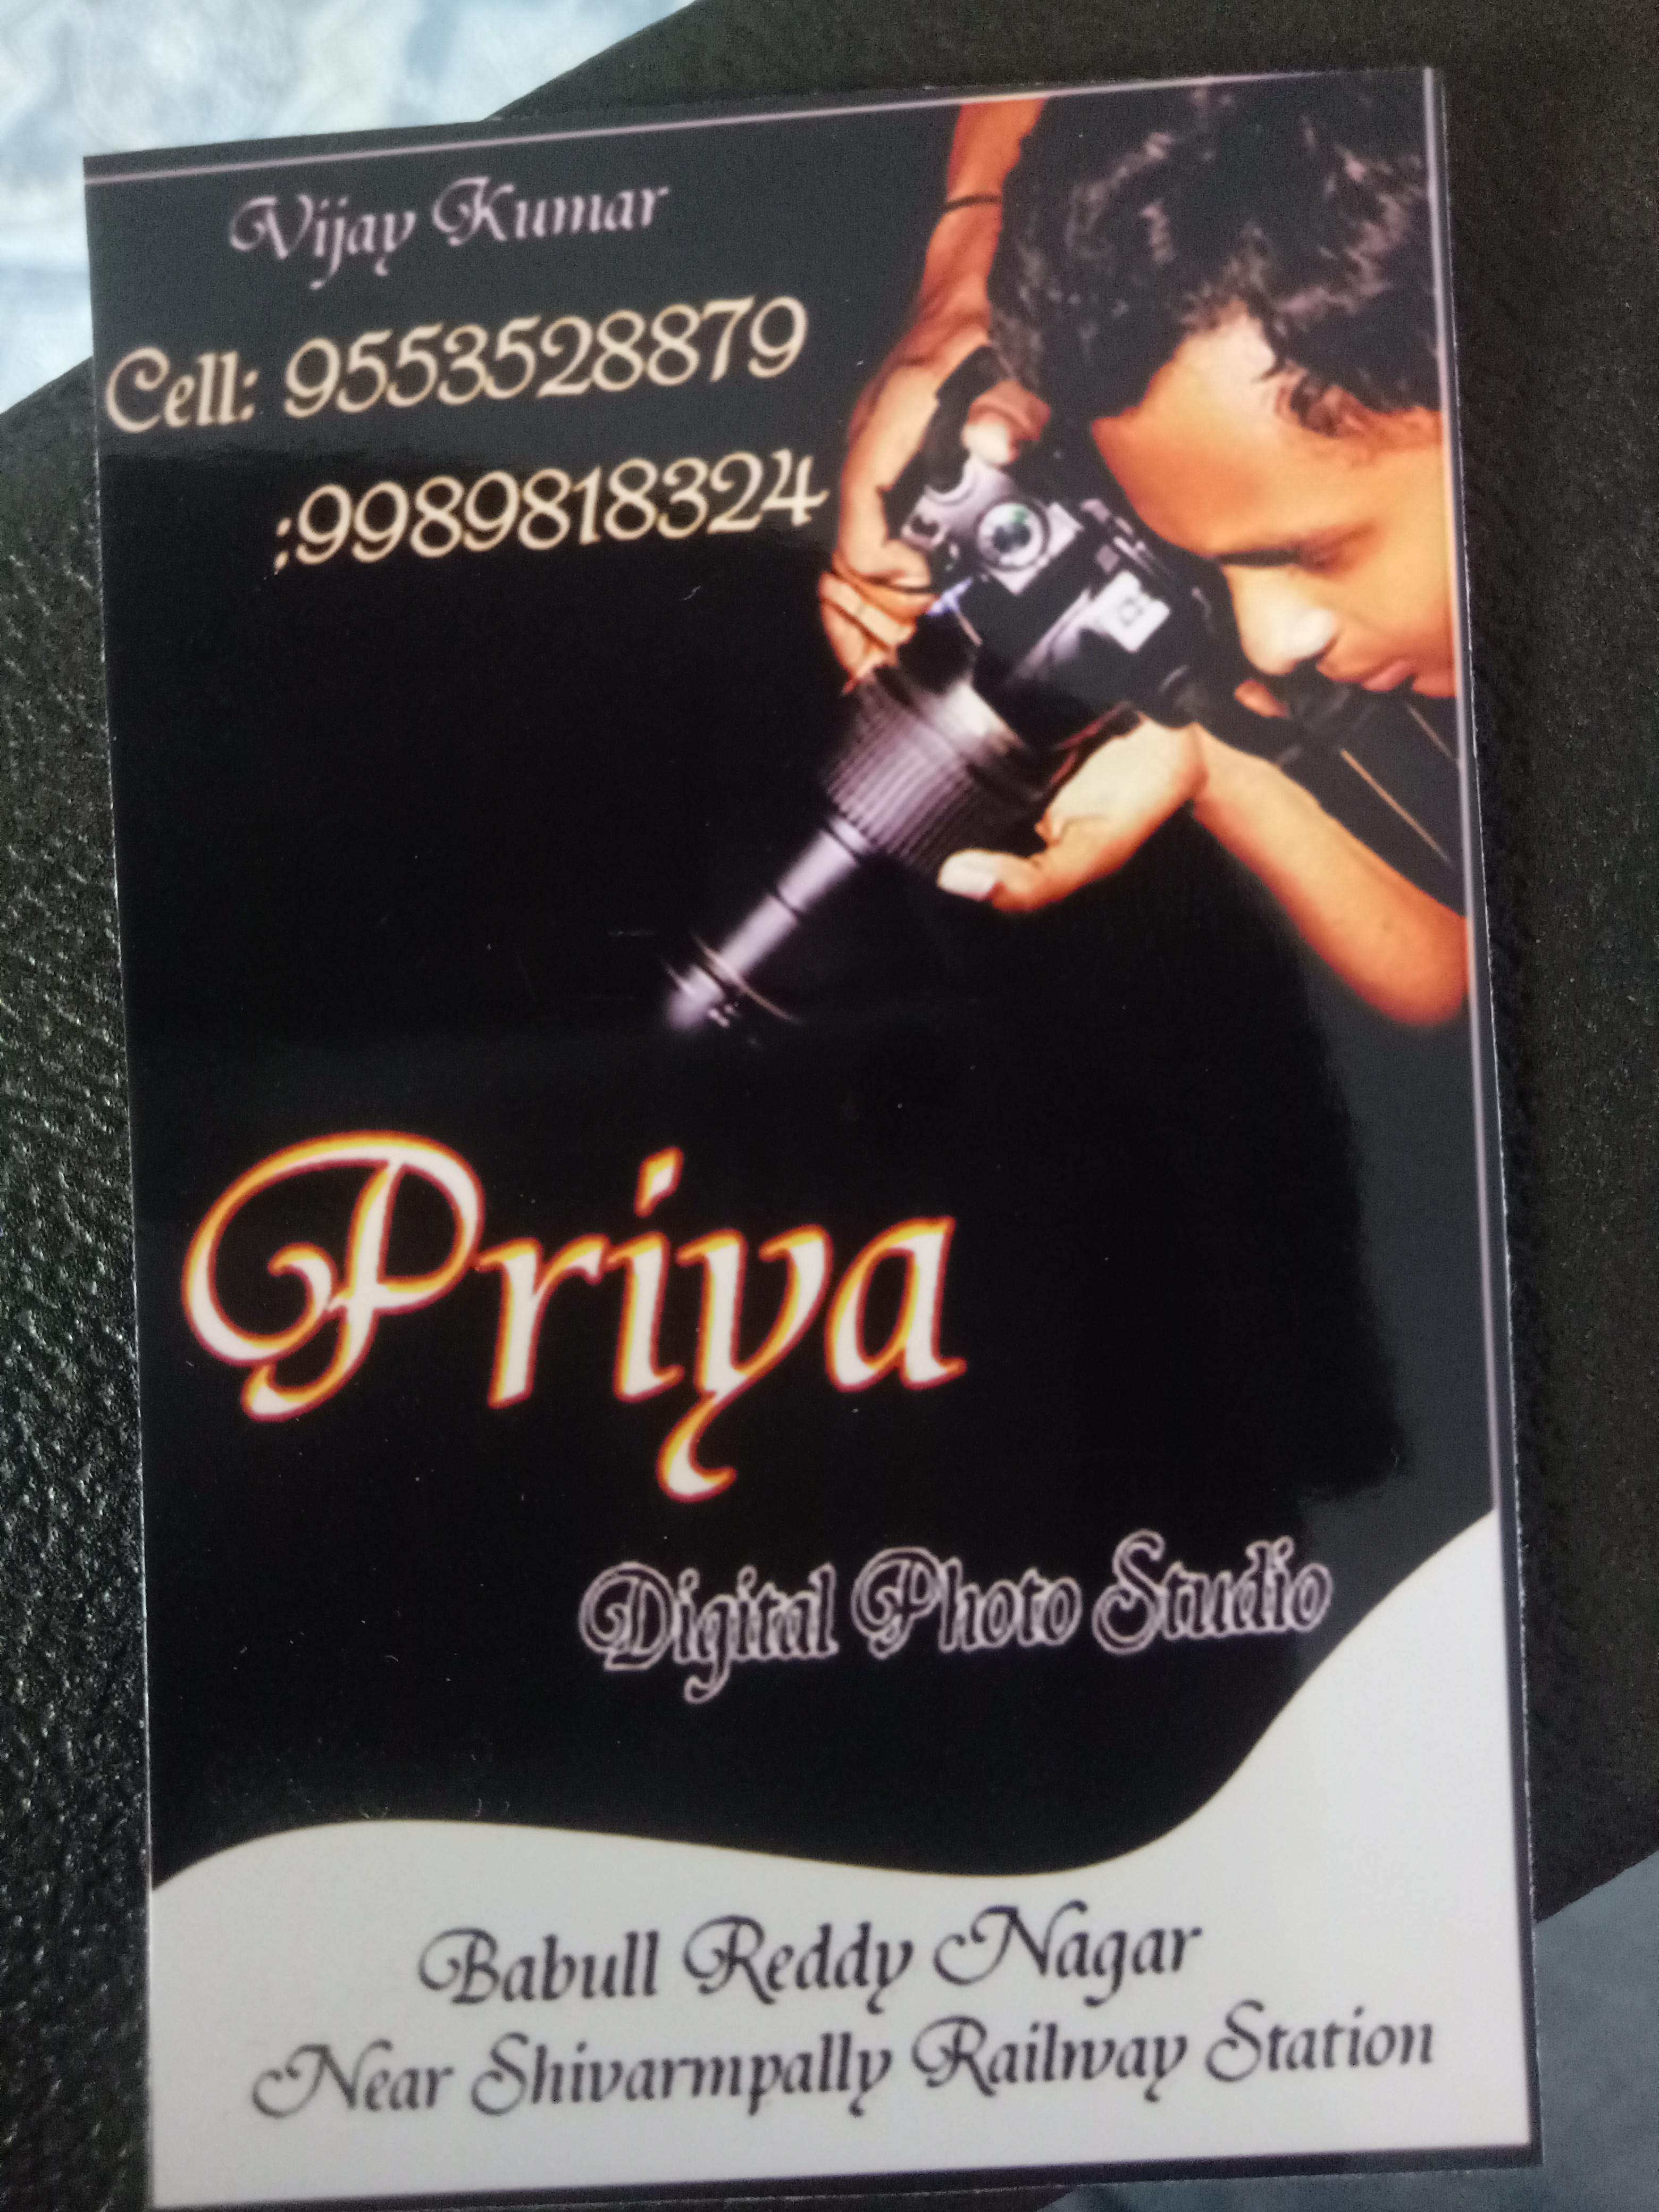 priya digital photo studio